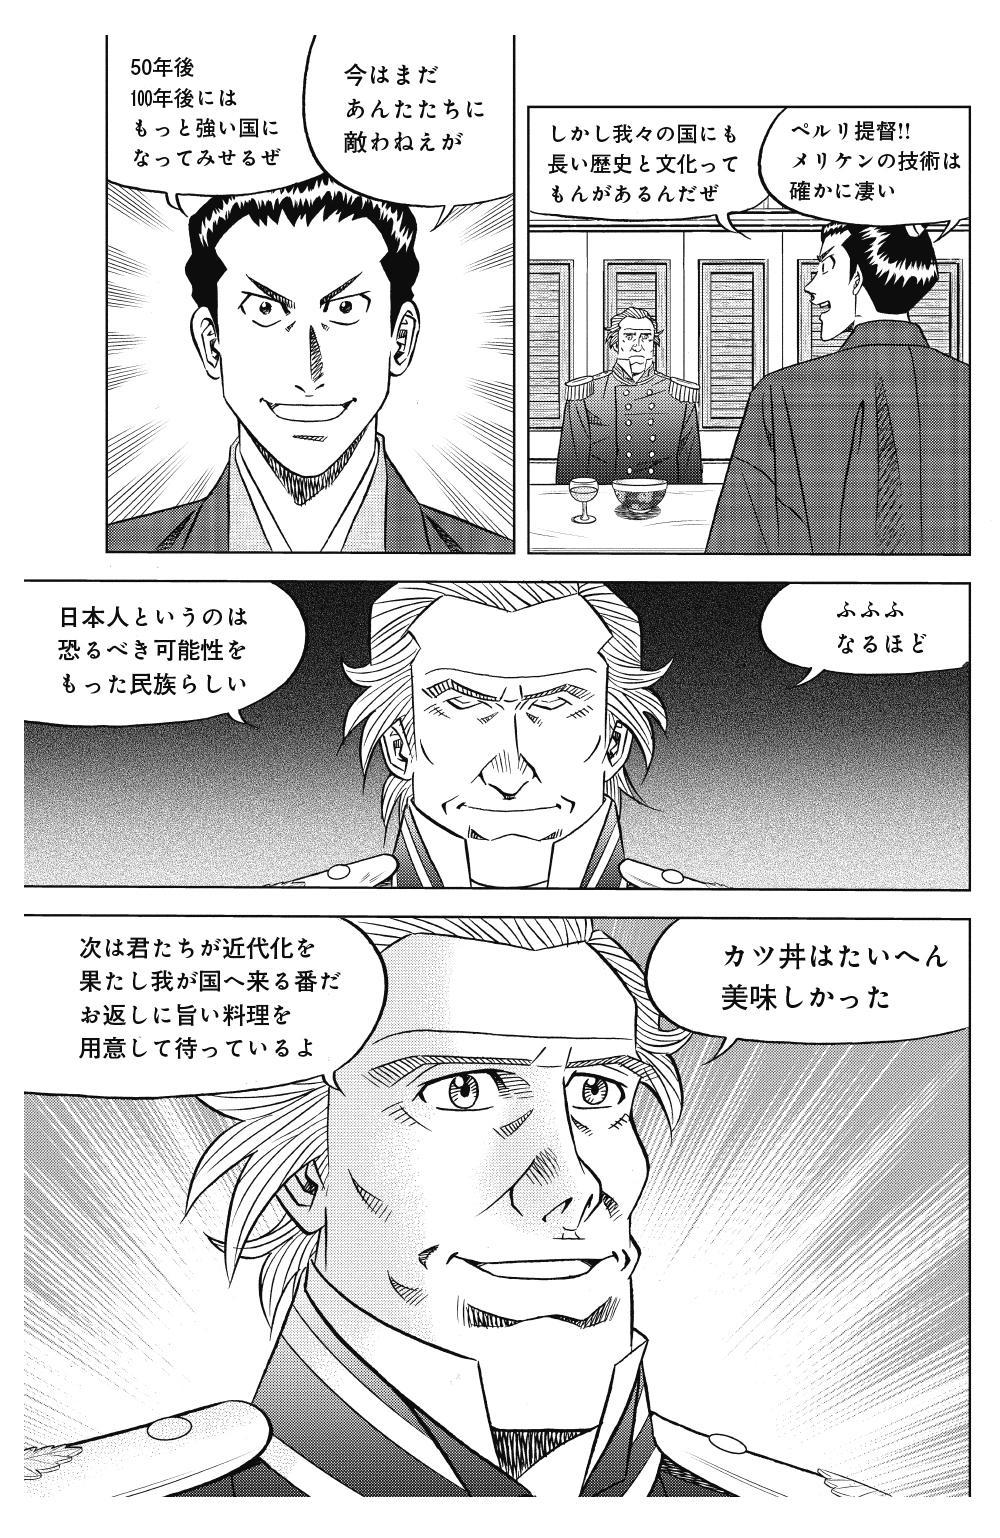 ミスター味っ子 幕末編 第1話「黒船来航」③ajikko34.jpg